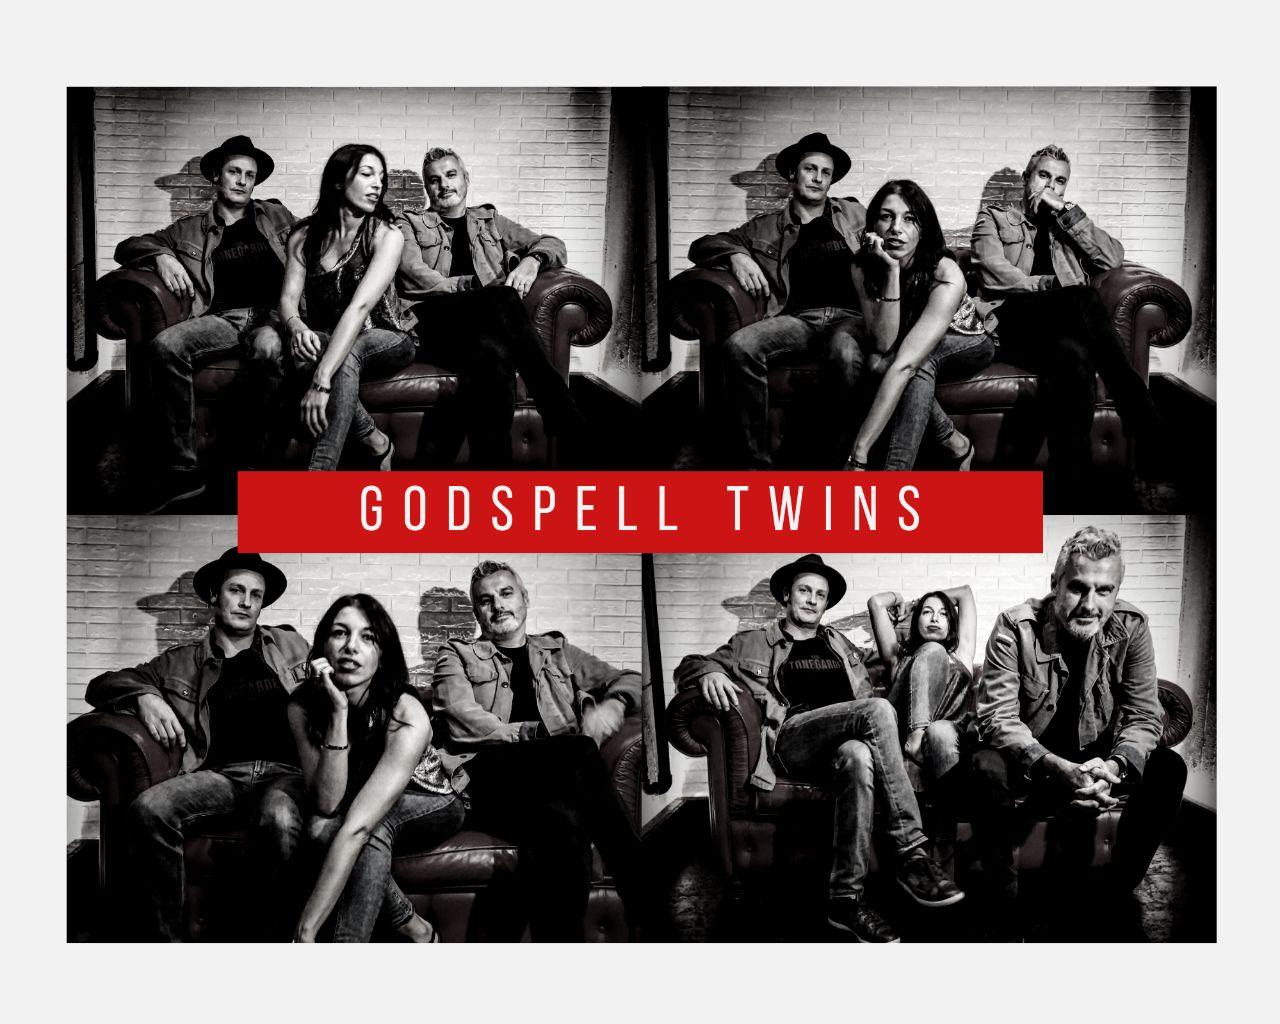 godspell_twins